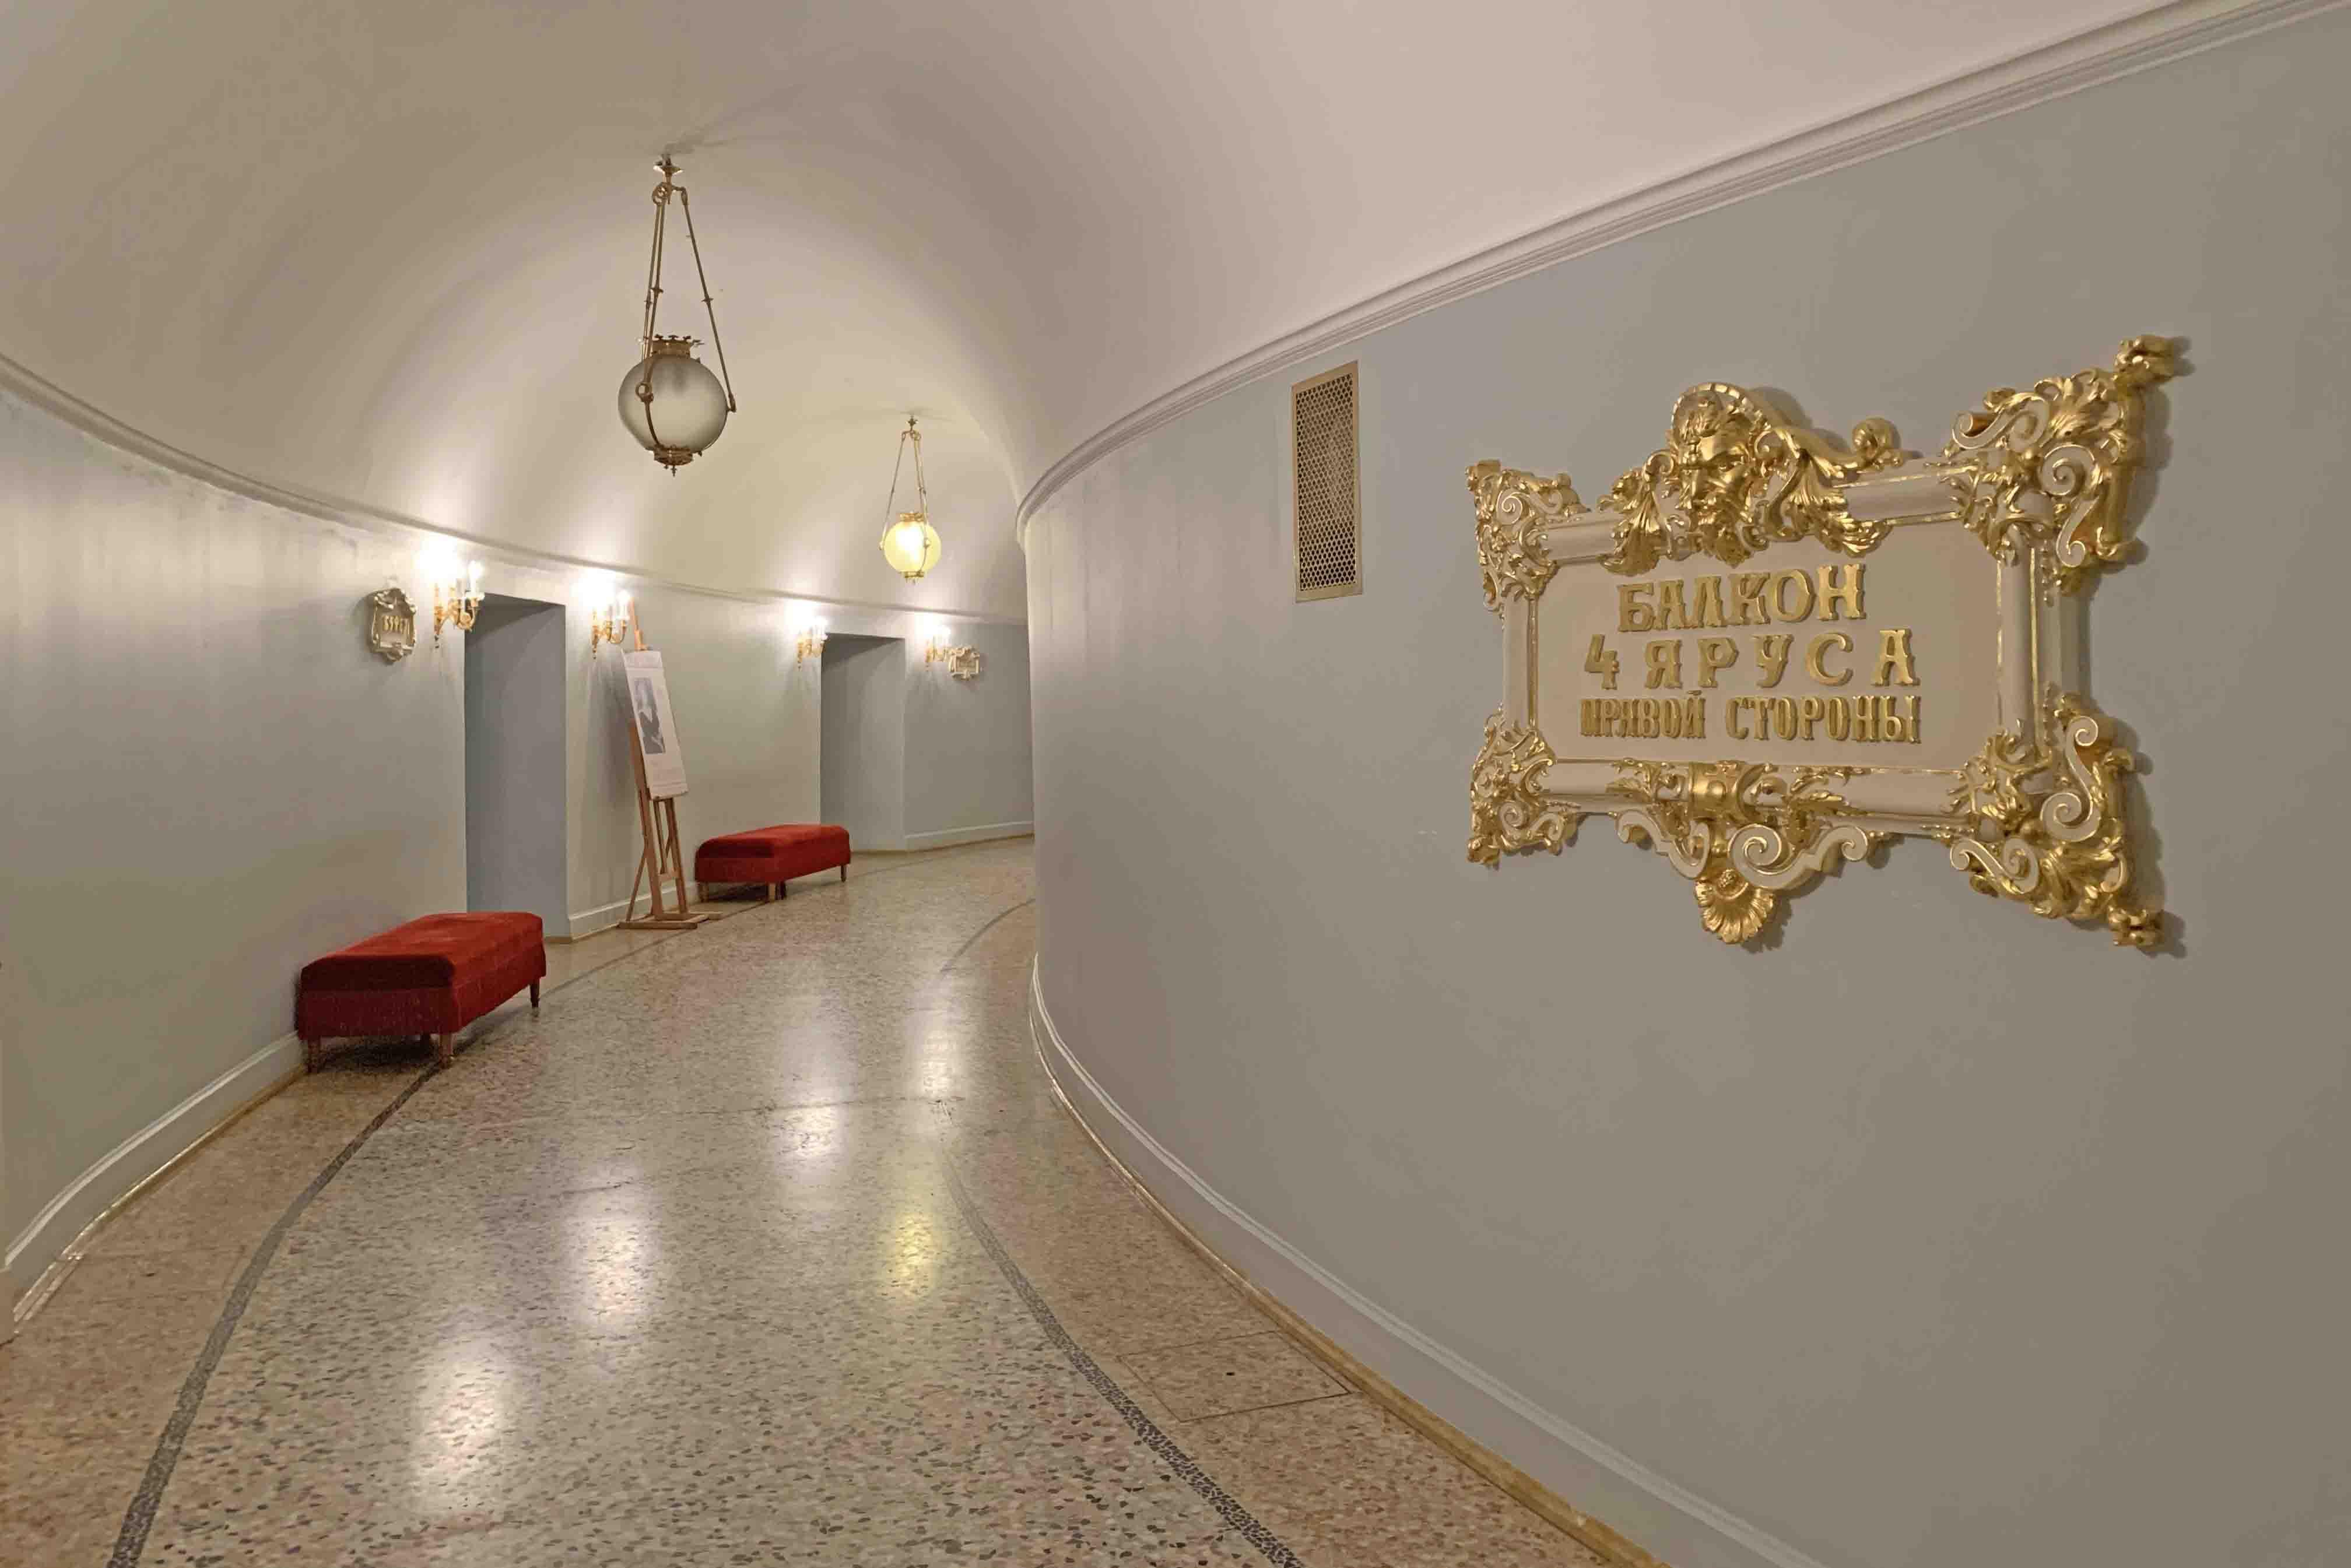 Bolshoi Theater Moscow - Backstage Tour